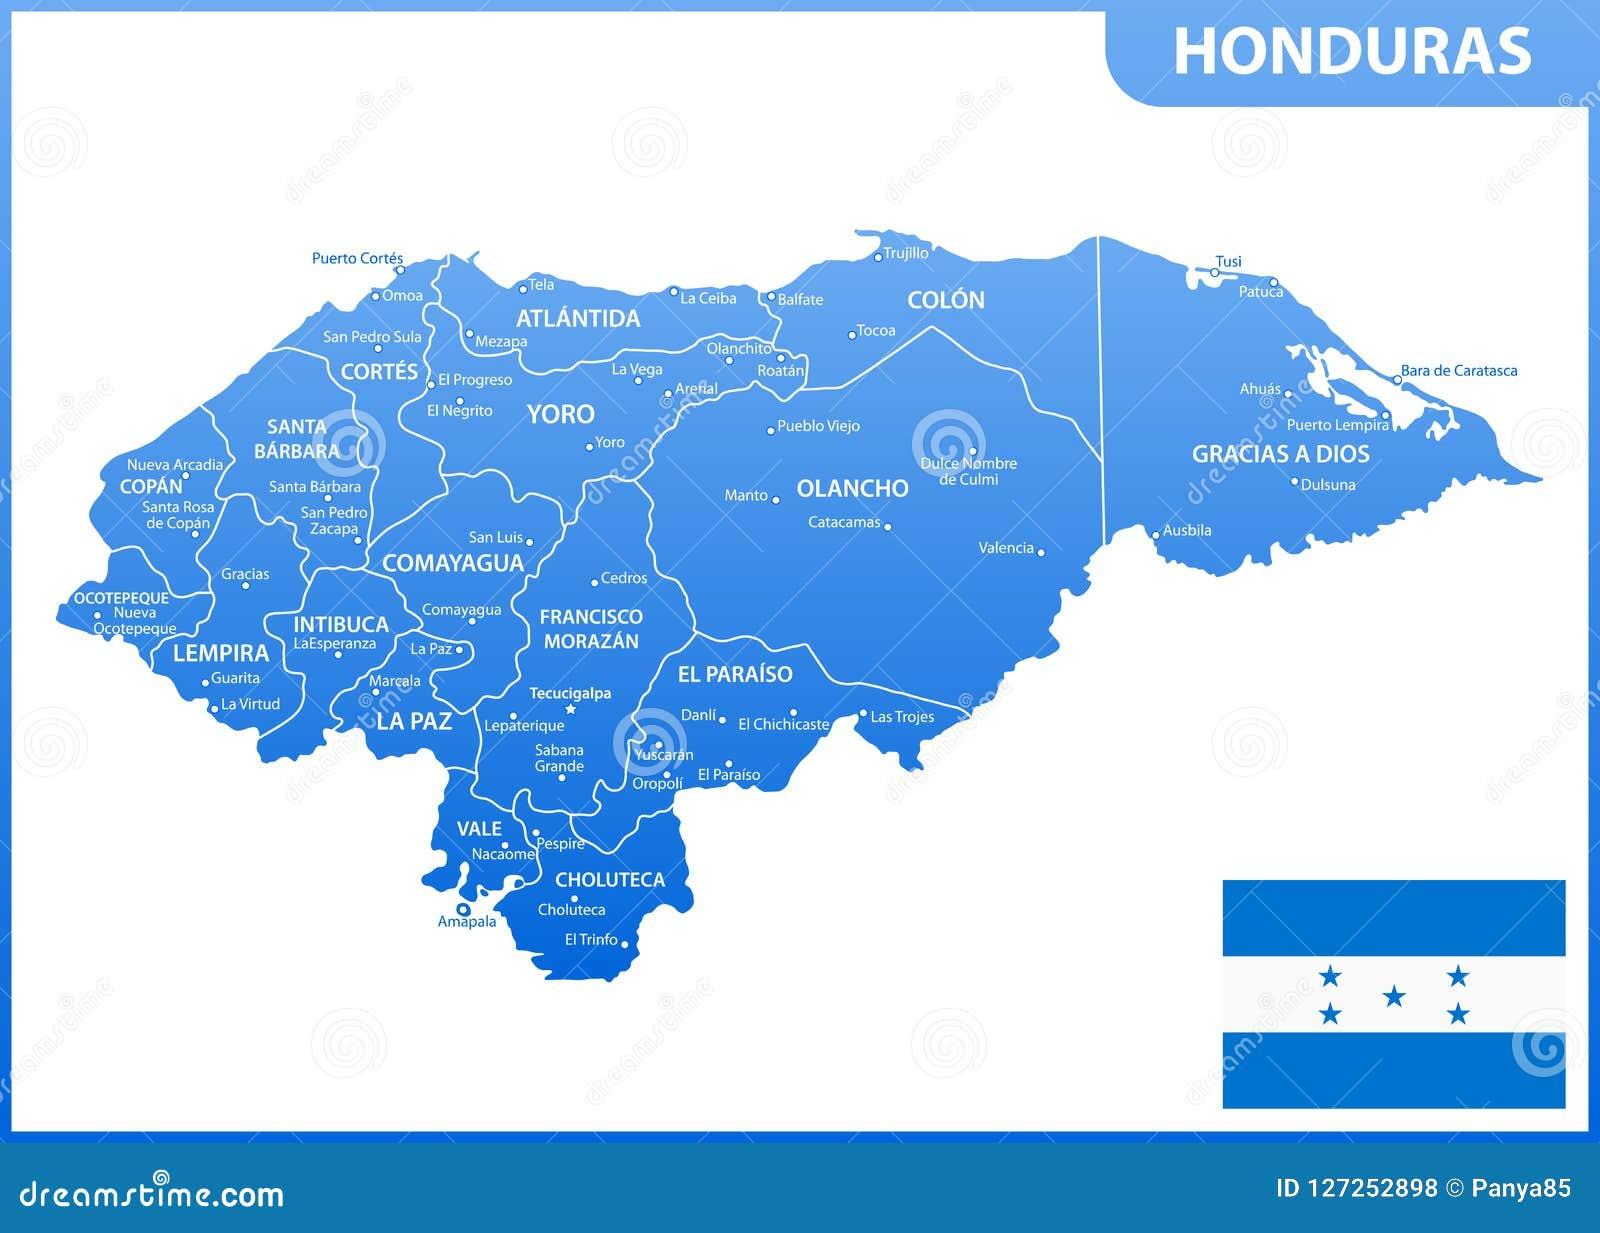 O Mapa Detalhado Das Honduras Com Regioes Ou Estados E Cidades